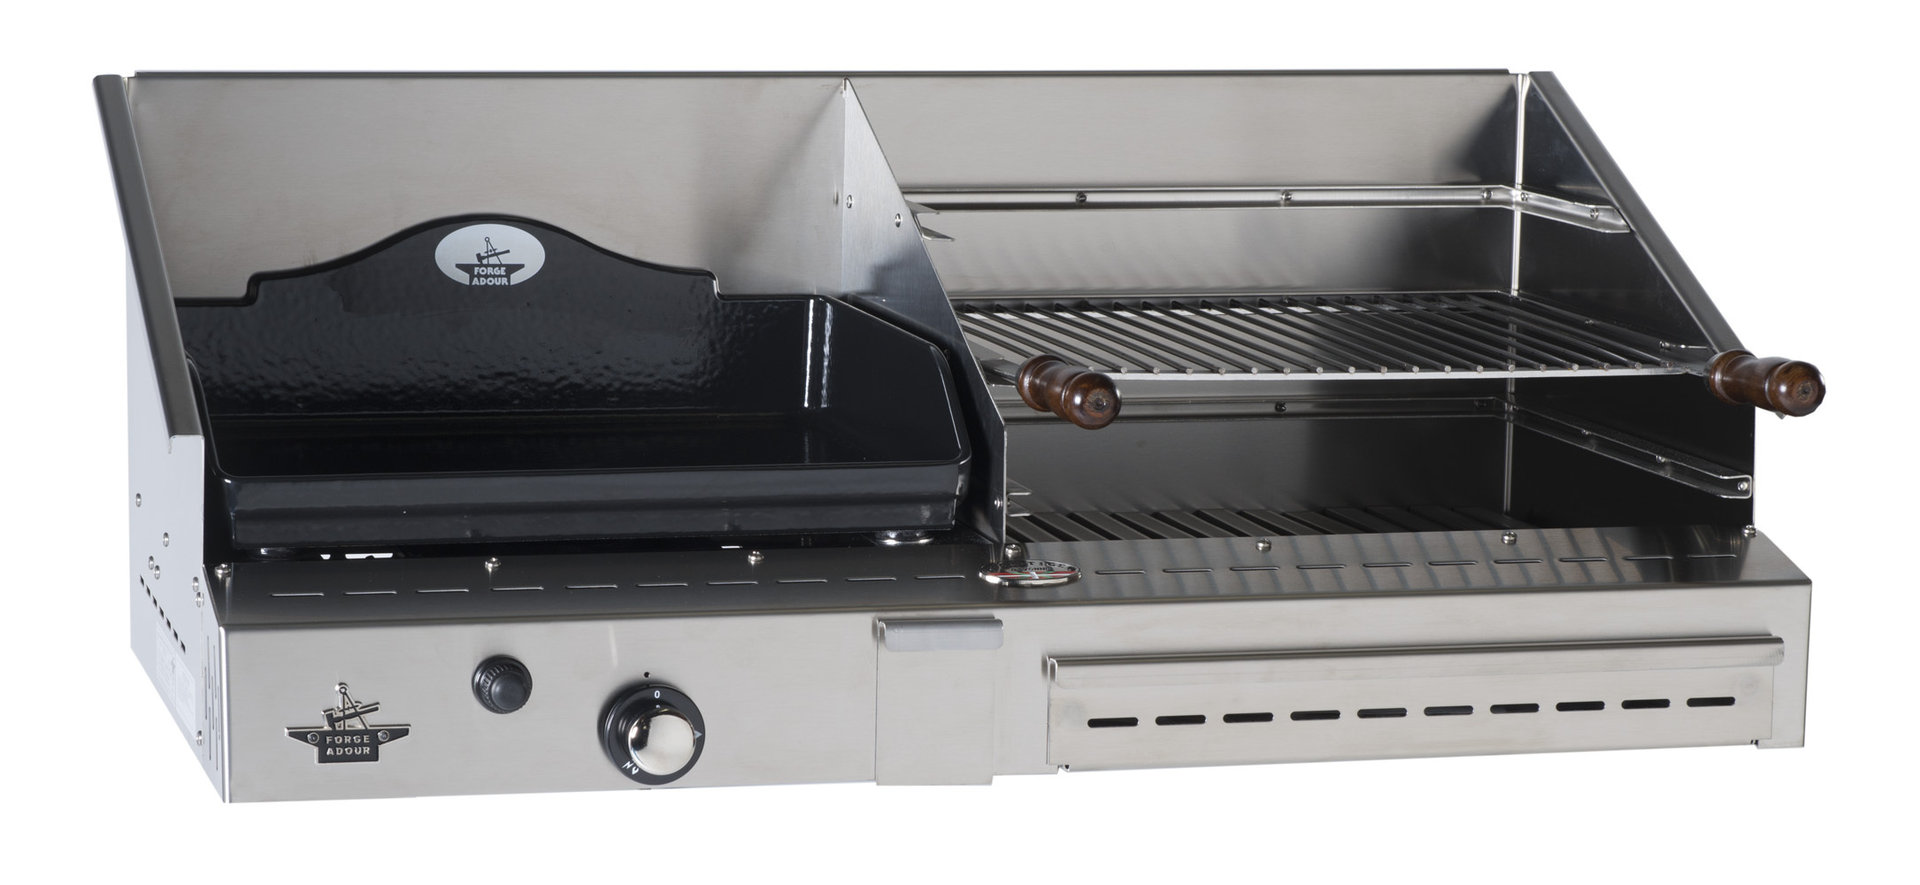 Duo plancha de gas y barbacoa 500 inox the barbecue store - Planchas de cocina a gas butano ...